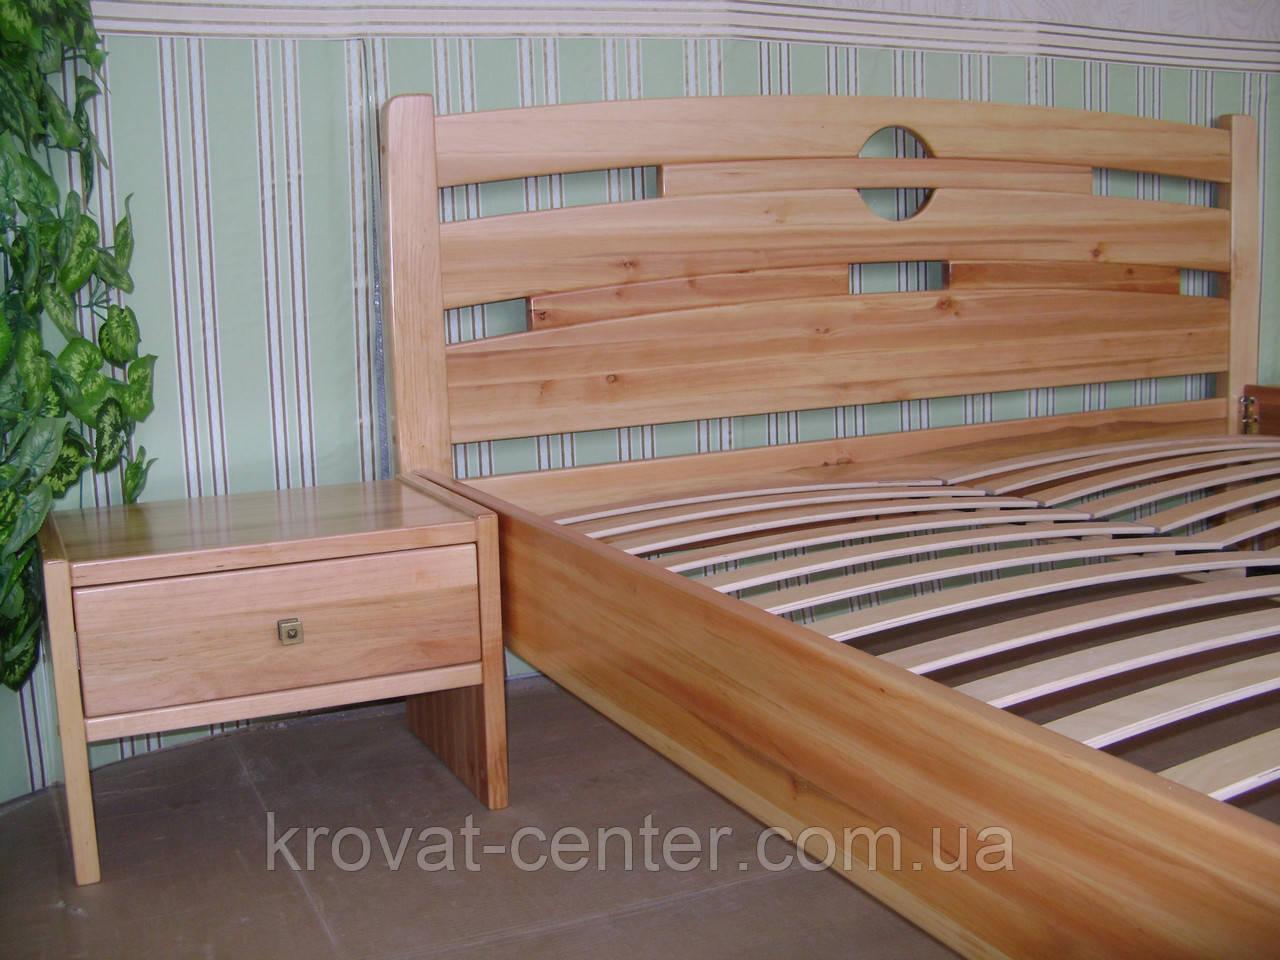 """Тумба """"Презент"""" (массив - сосна, ольха, береза, дуб) - Творческая мастерская """"КРОВАТЬ центр"""" - деревянная мебель от Производителя. Индивидуальный подход. в Северодонецке"""